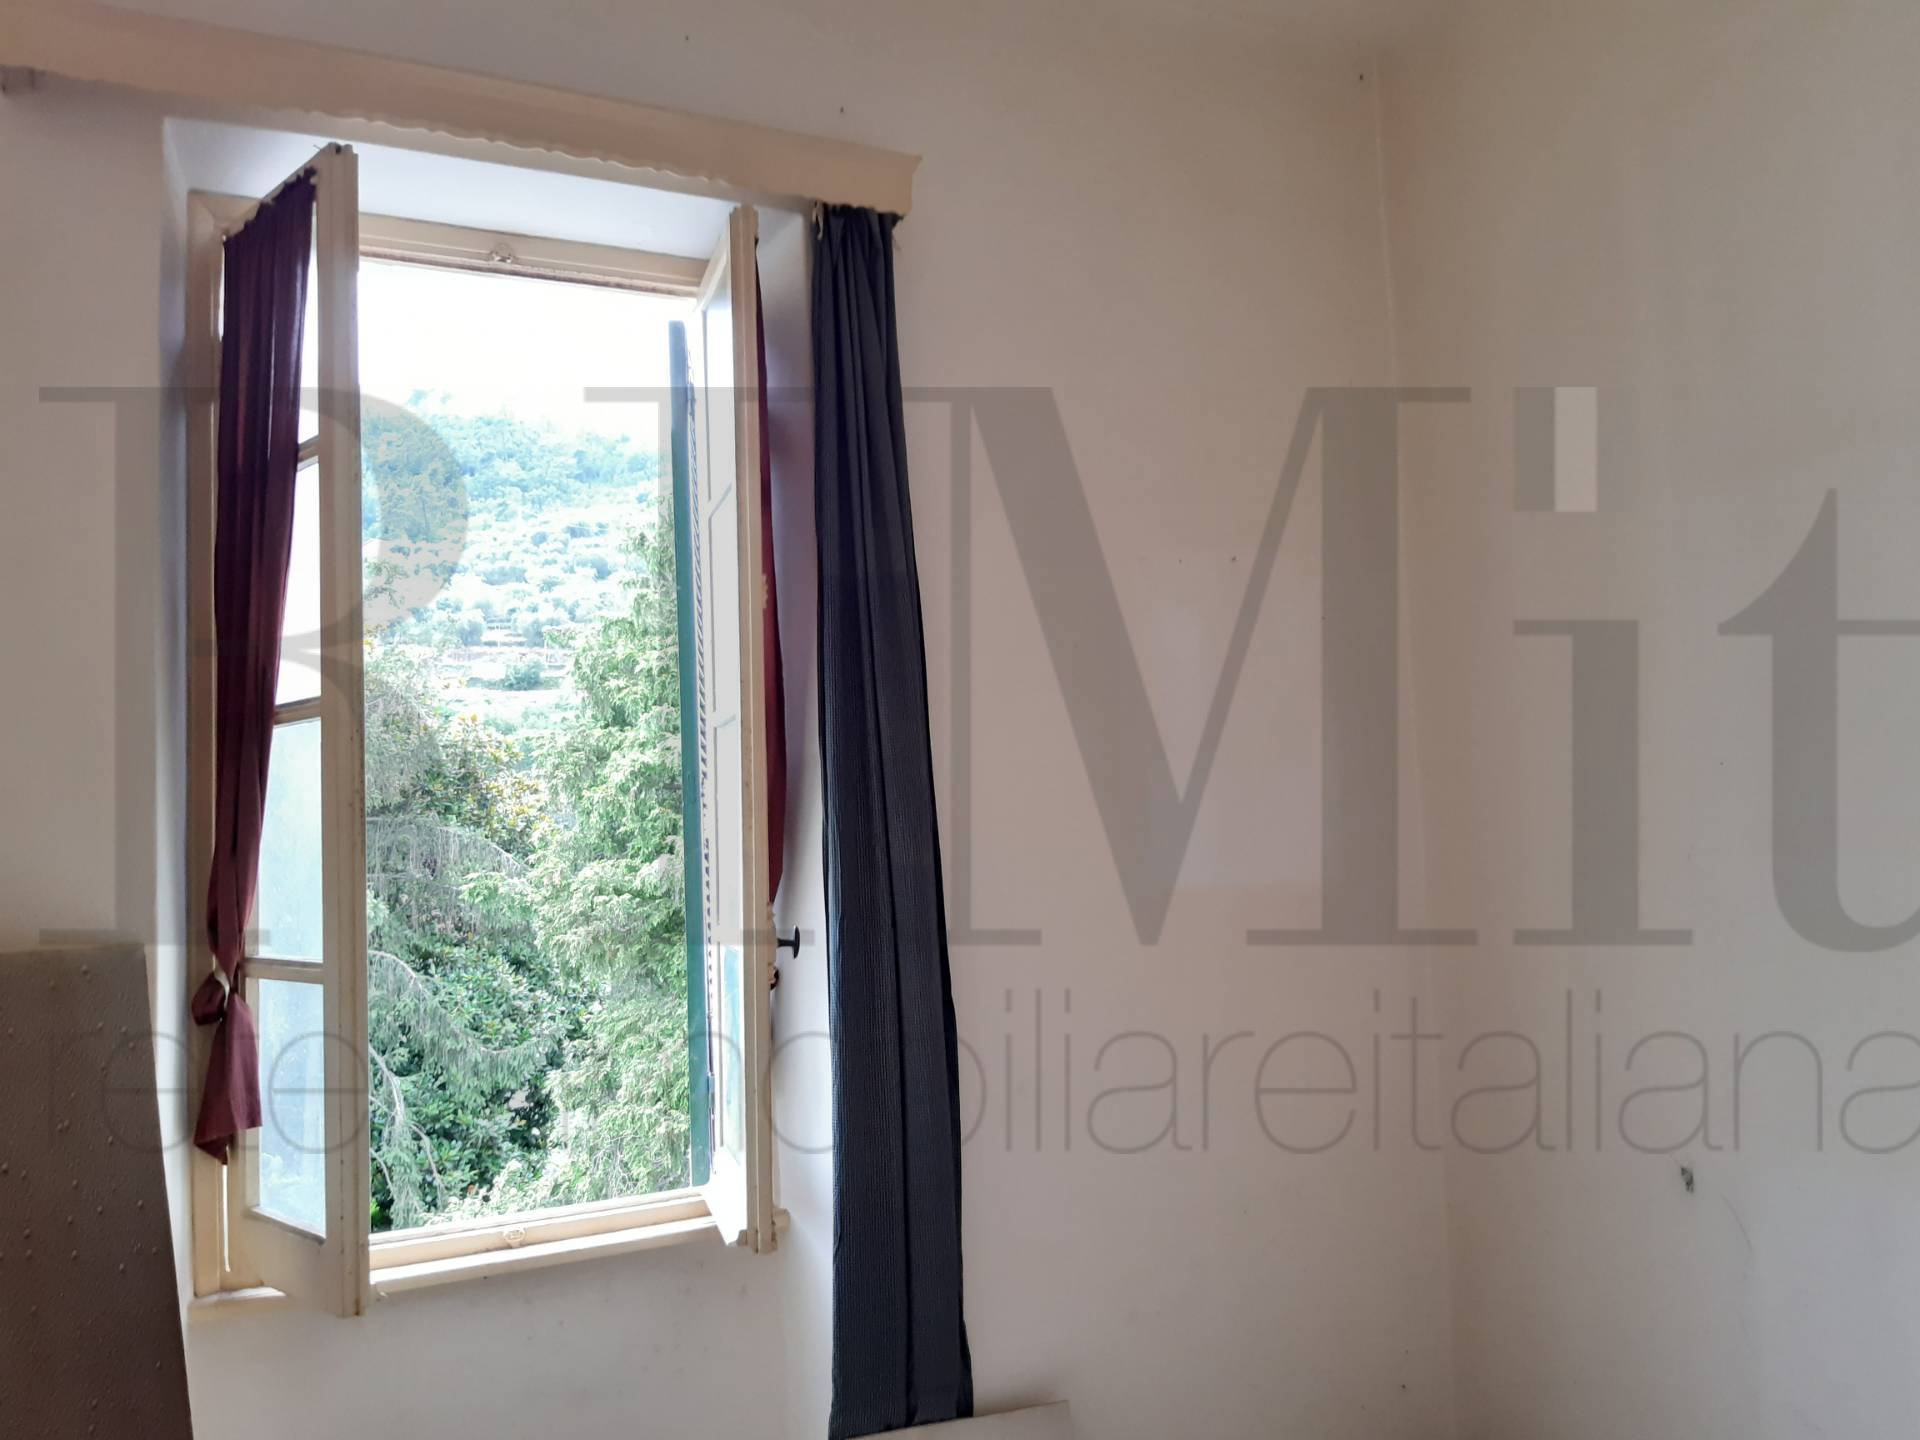 Appartamento in vendita a Calice Ligure, 3 locali, prezzo € 90.000 | CambioCasa.it